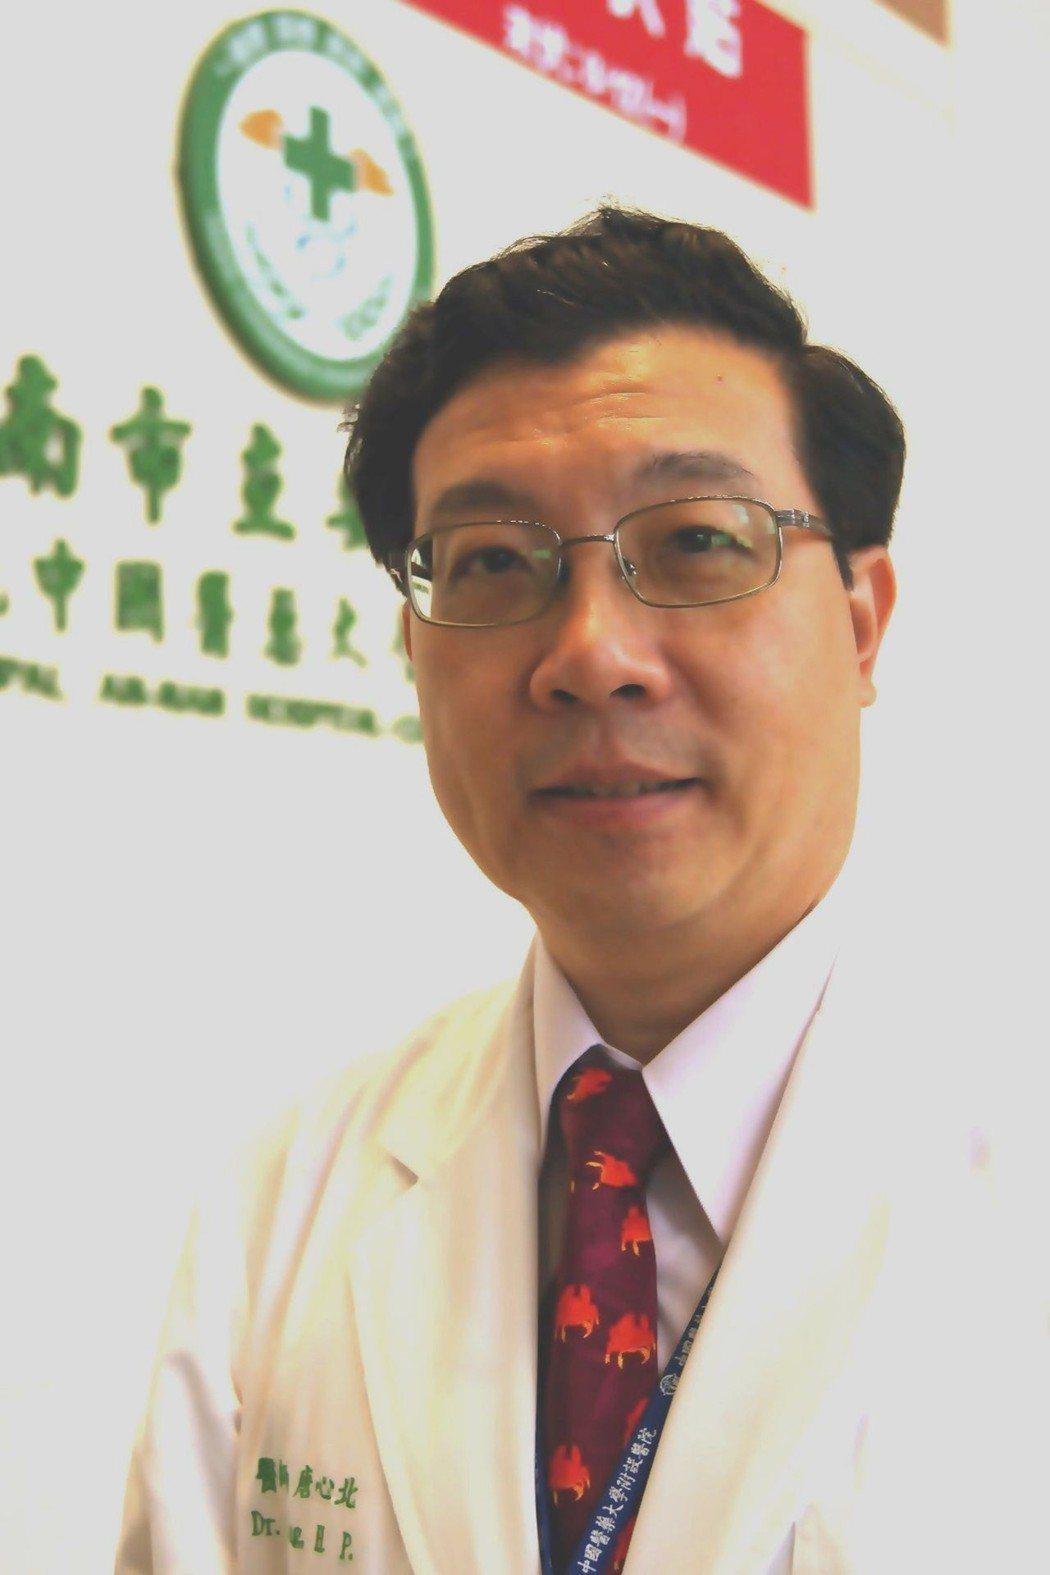 台南市安南醫院 精神科醫師唐心北。圖/安南醫院提供